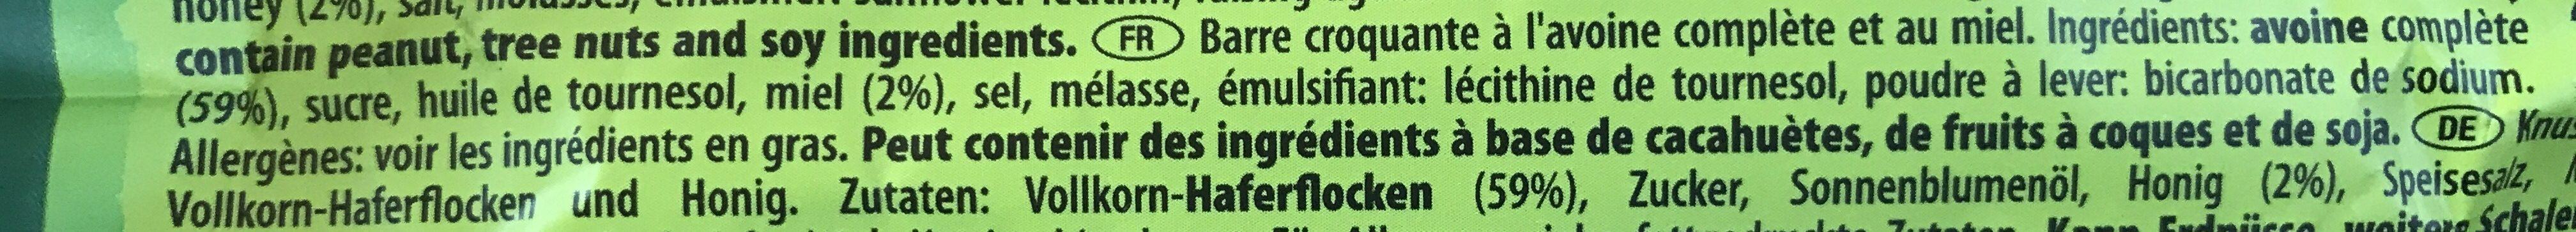 Crunchy Oats & Honey Cereal Bar - Ingrédients - fr